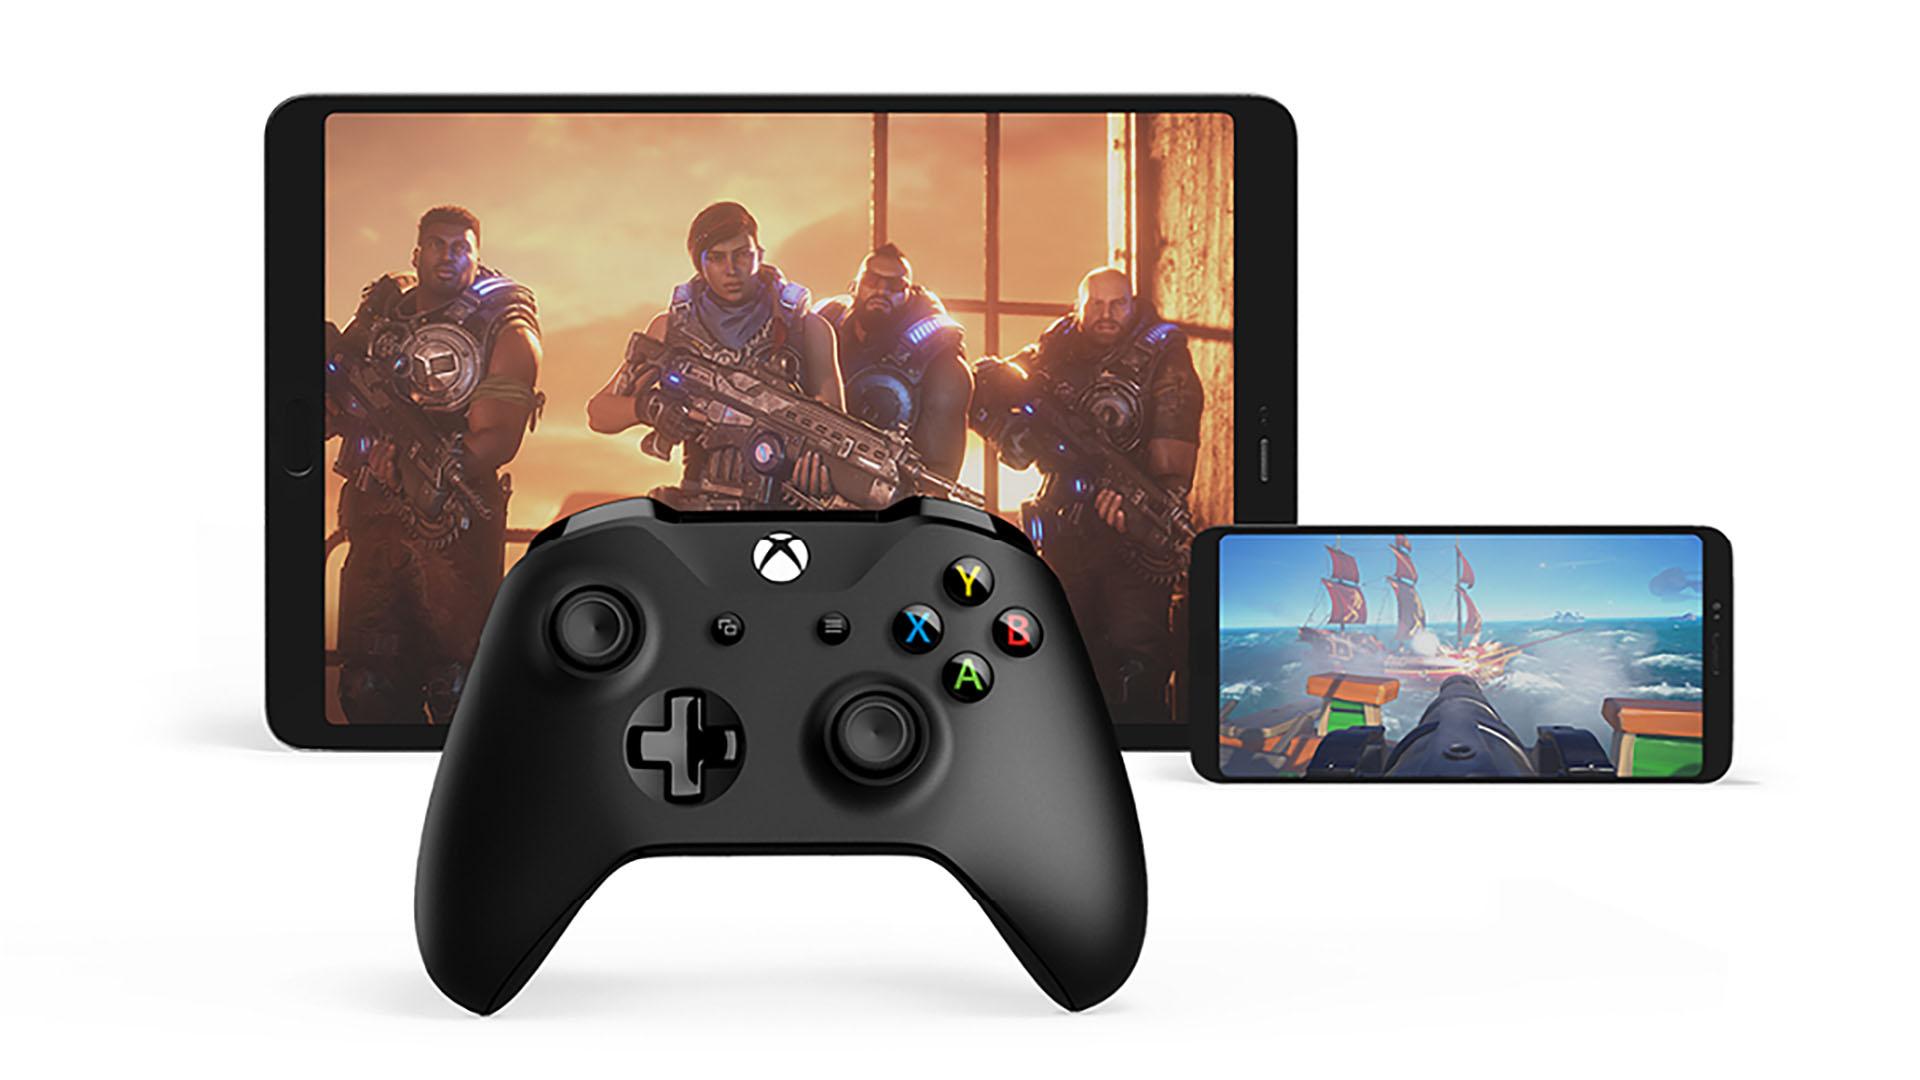 Todo lo que se presentó en una nueva edición de Xbox Inside: comienza Project xCloud, novedades de Gears 5 y un nuevo juego de piratas